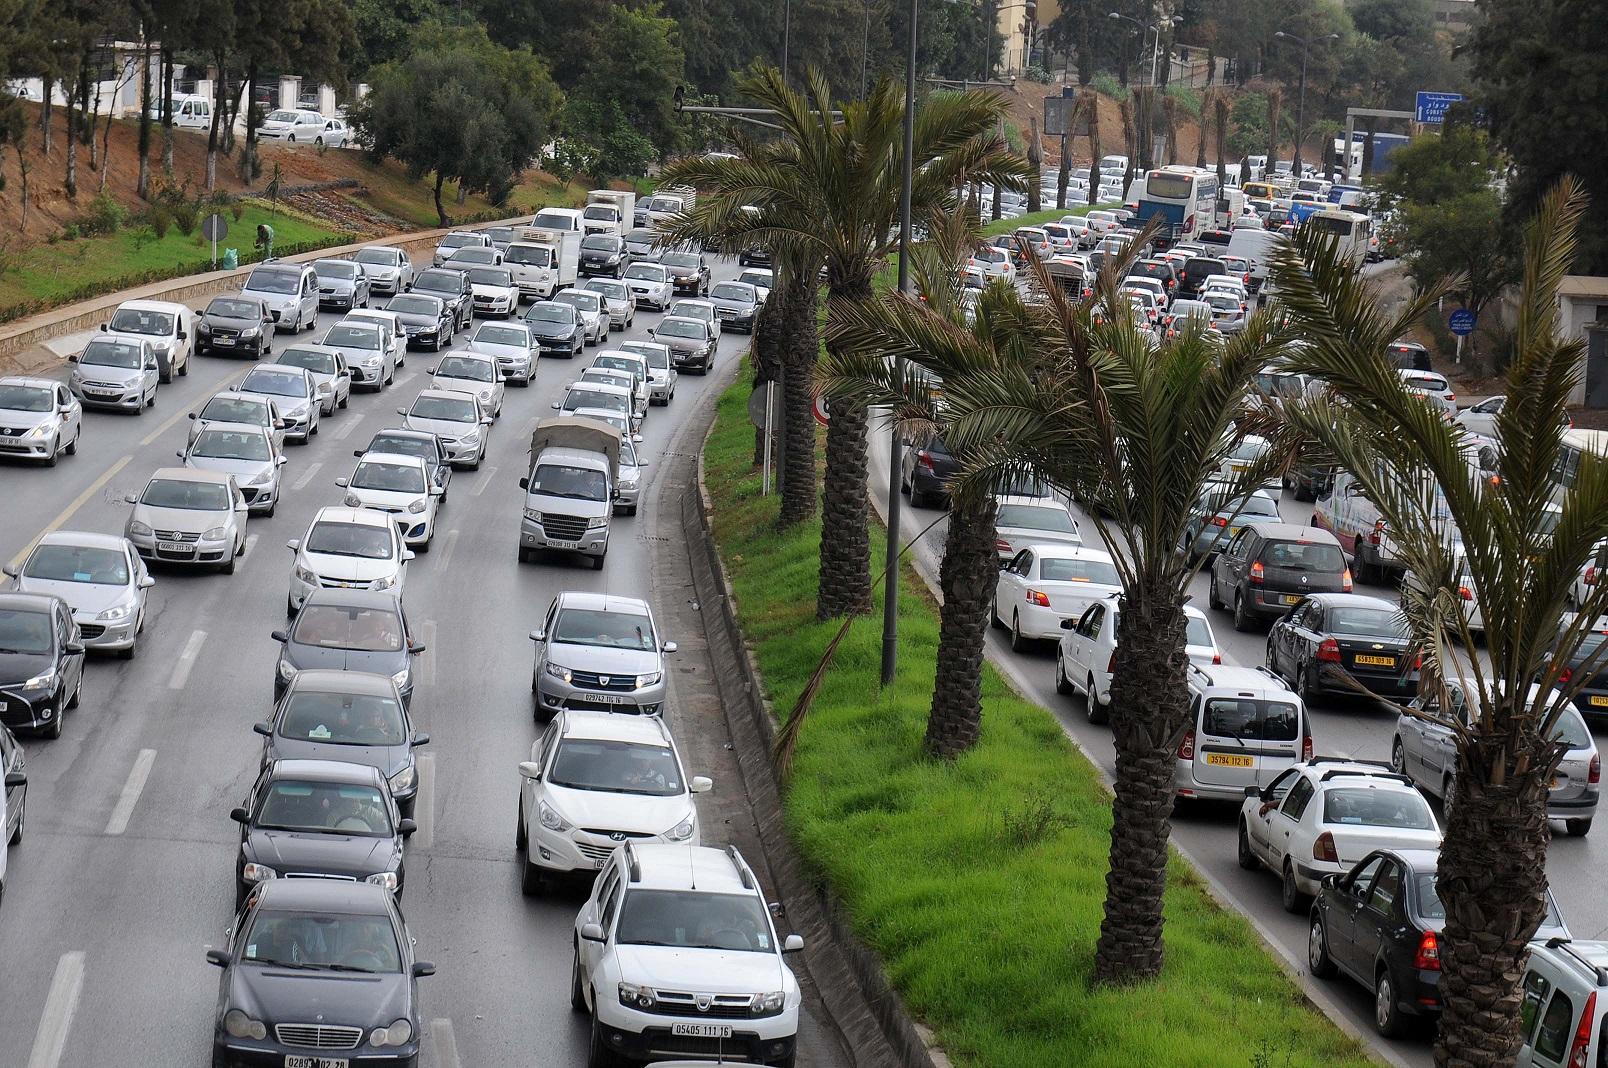 Le niveau de vie des Algériens s'est nettement amélioré ces dernières années. New Press